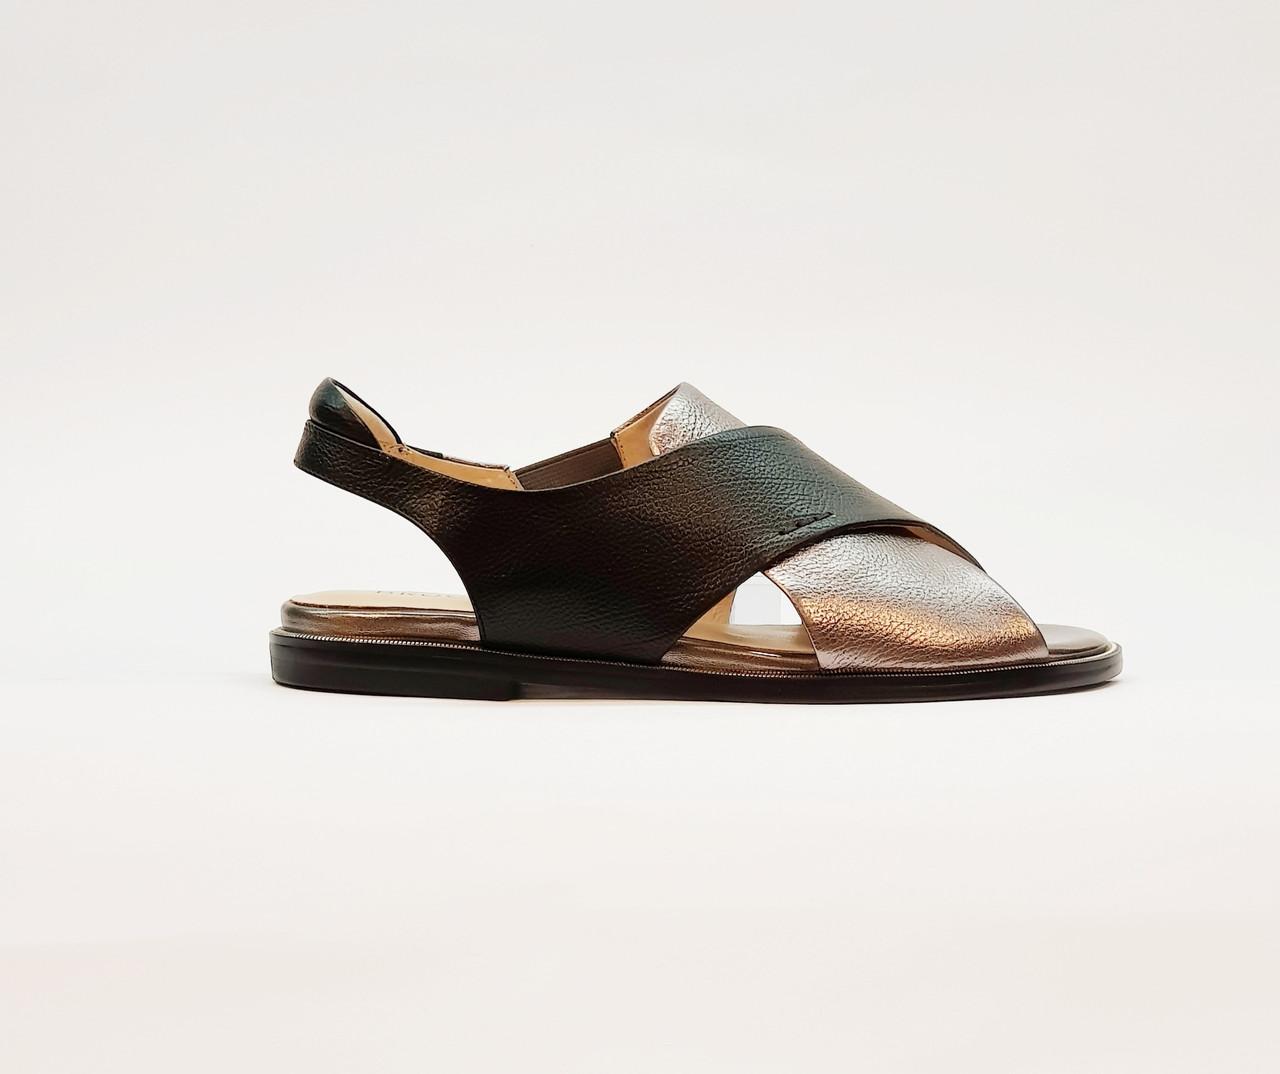 Жіночі сандалі з натуральної шкіри на плоскій підошві чорні